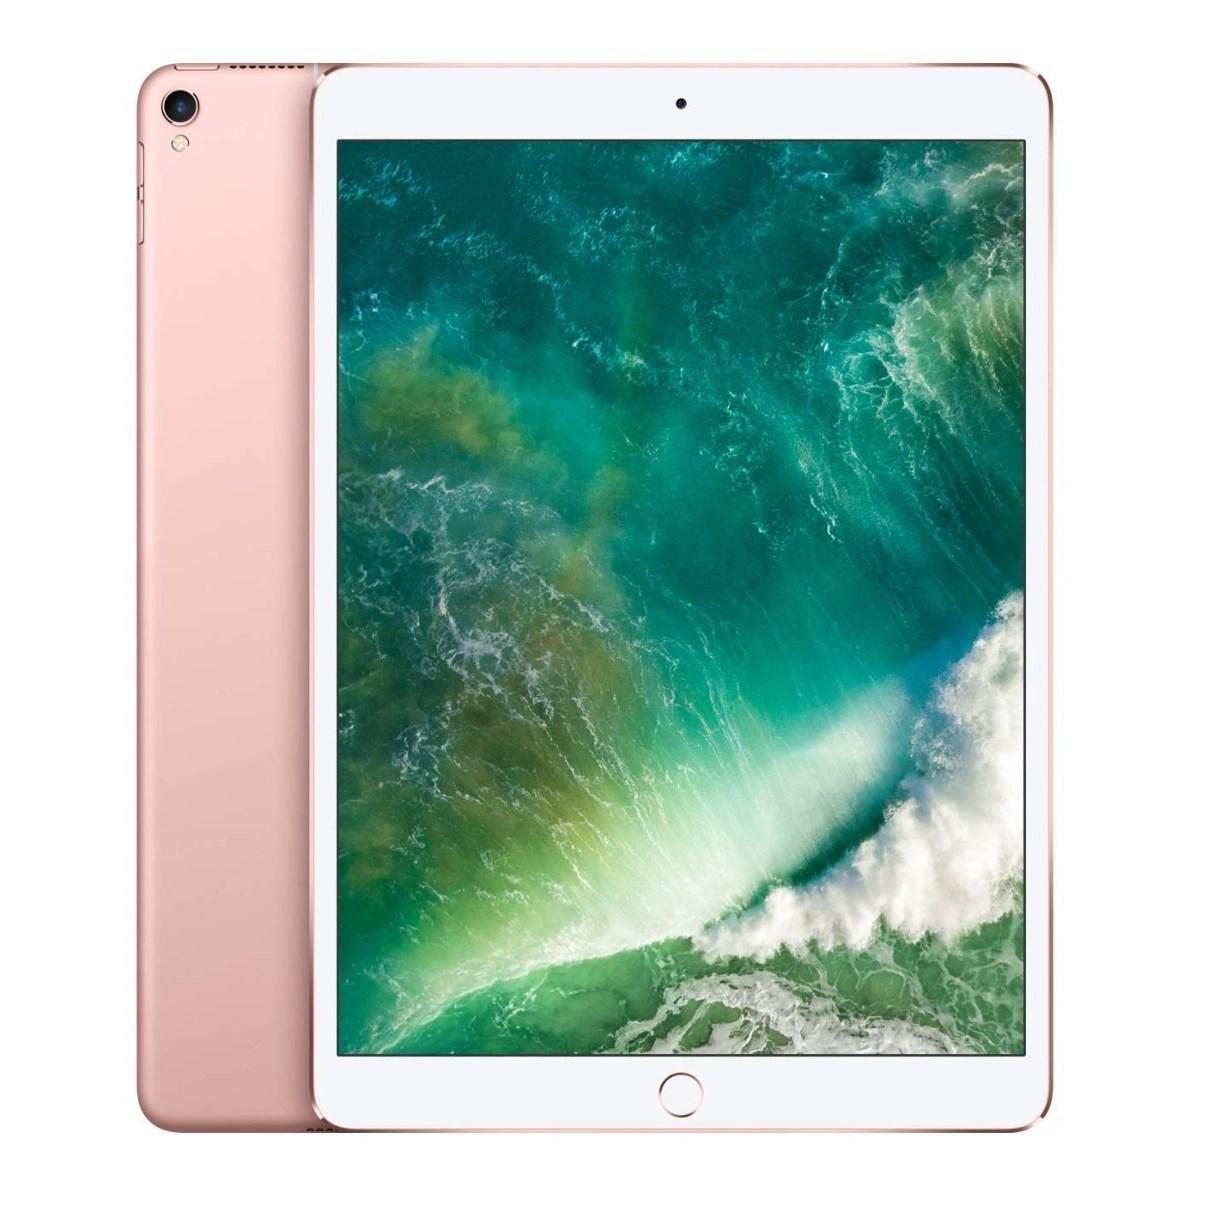 애플(Apple) 아이패드 프로 10.5인치 WiFi + 셀룰러 태블릿PC, 로즈골드(Rose Gold), 256GB